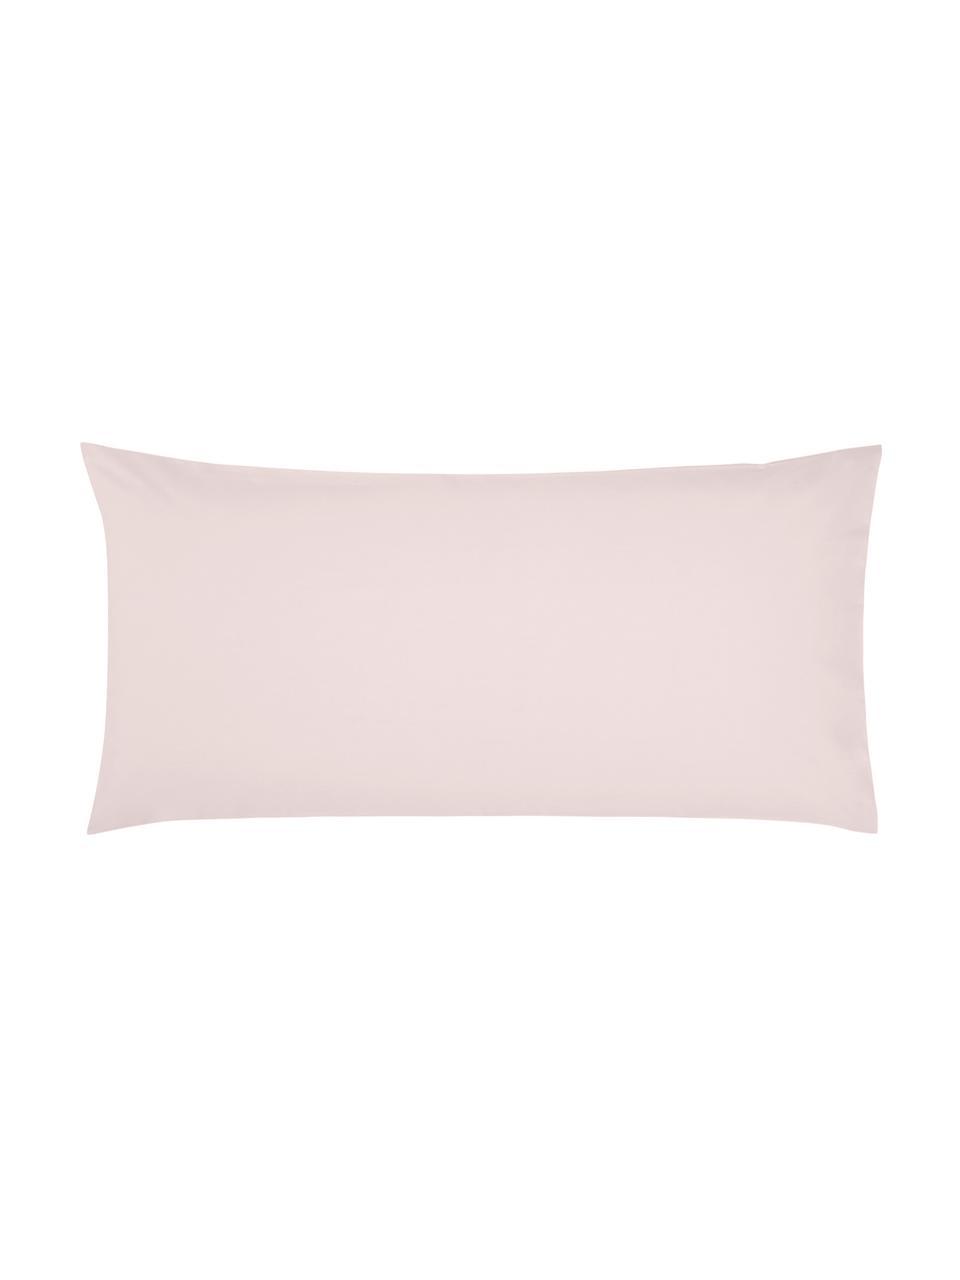 Poszewka na poduszkę z perkalu bawełnianego Elsie, 2 szt., Blady różowy, S 40 x D 80 cm